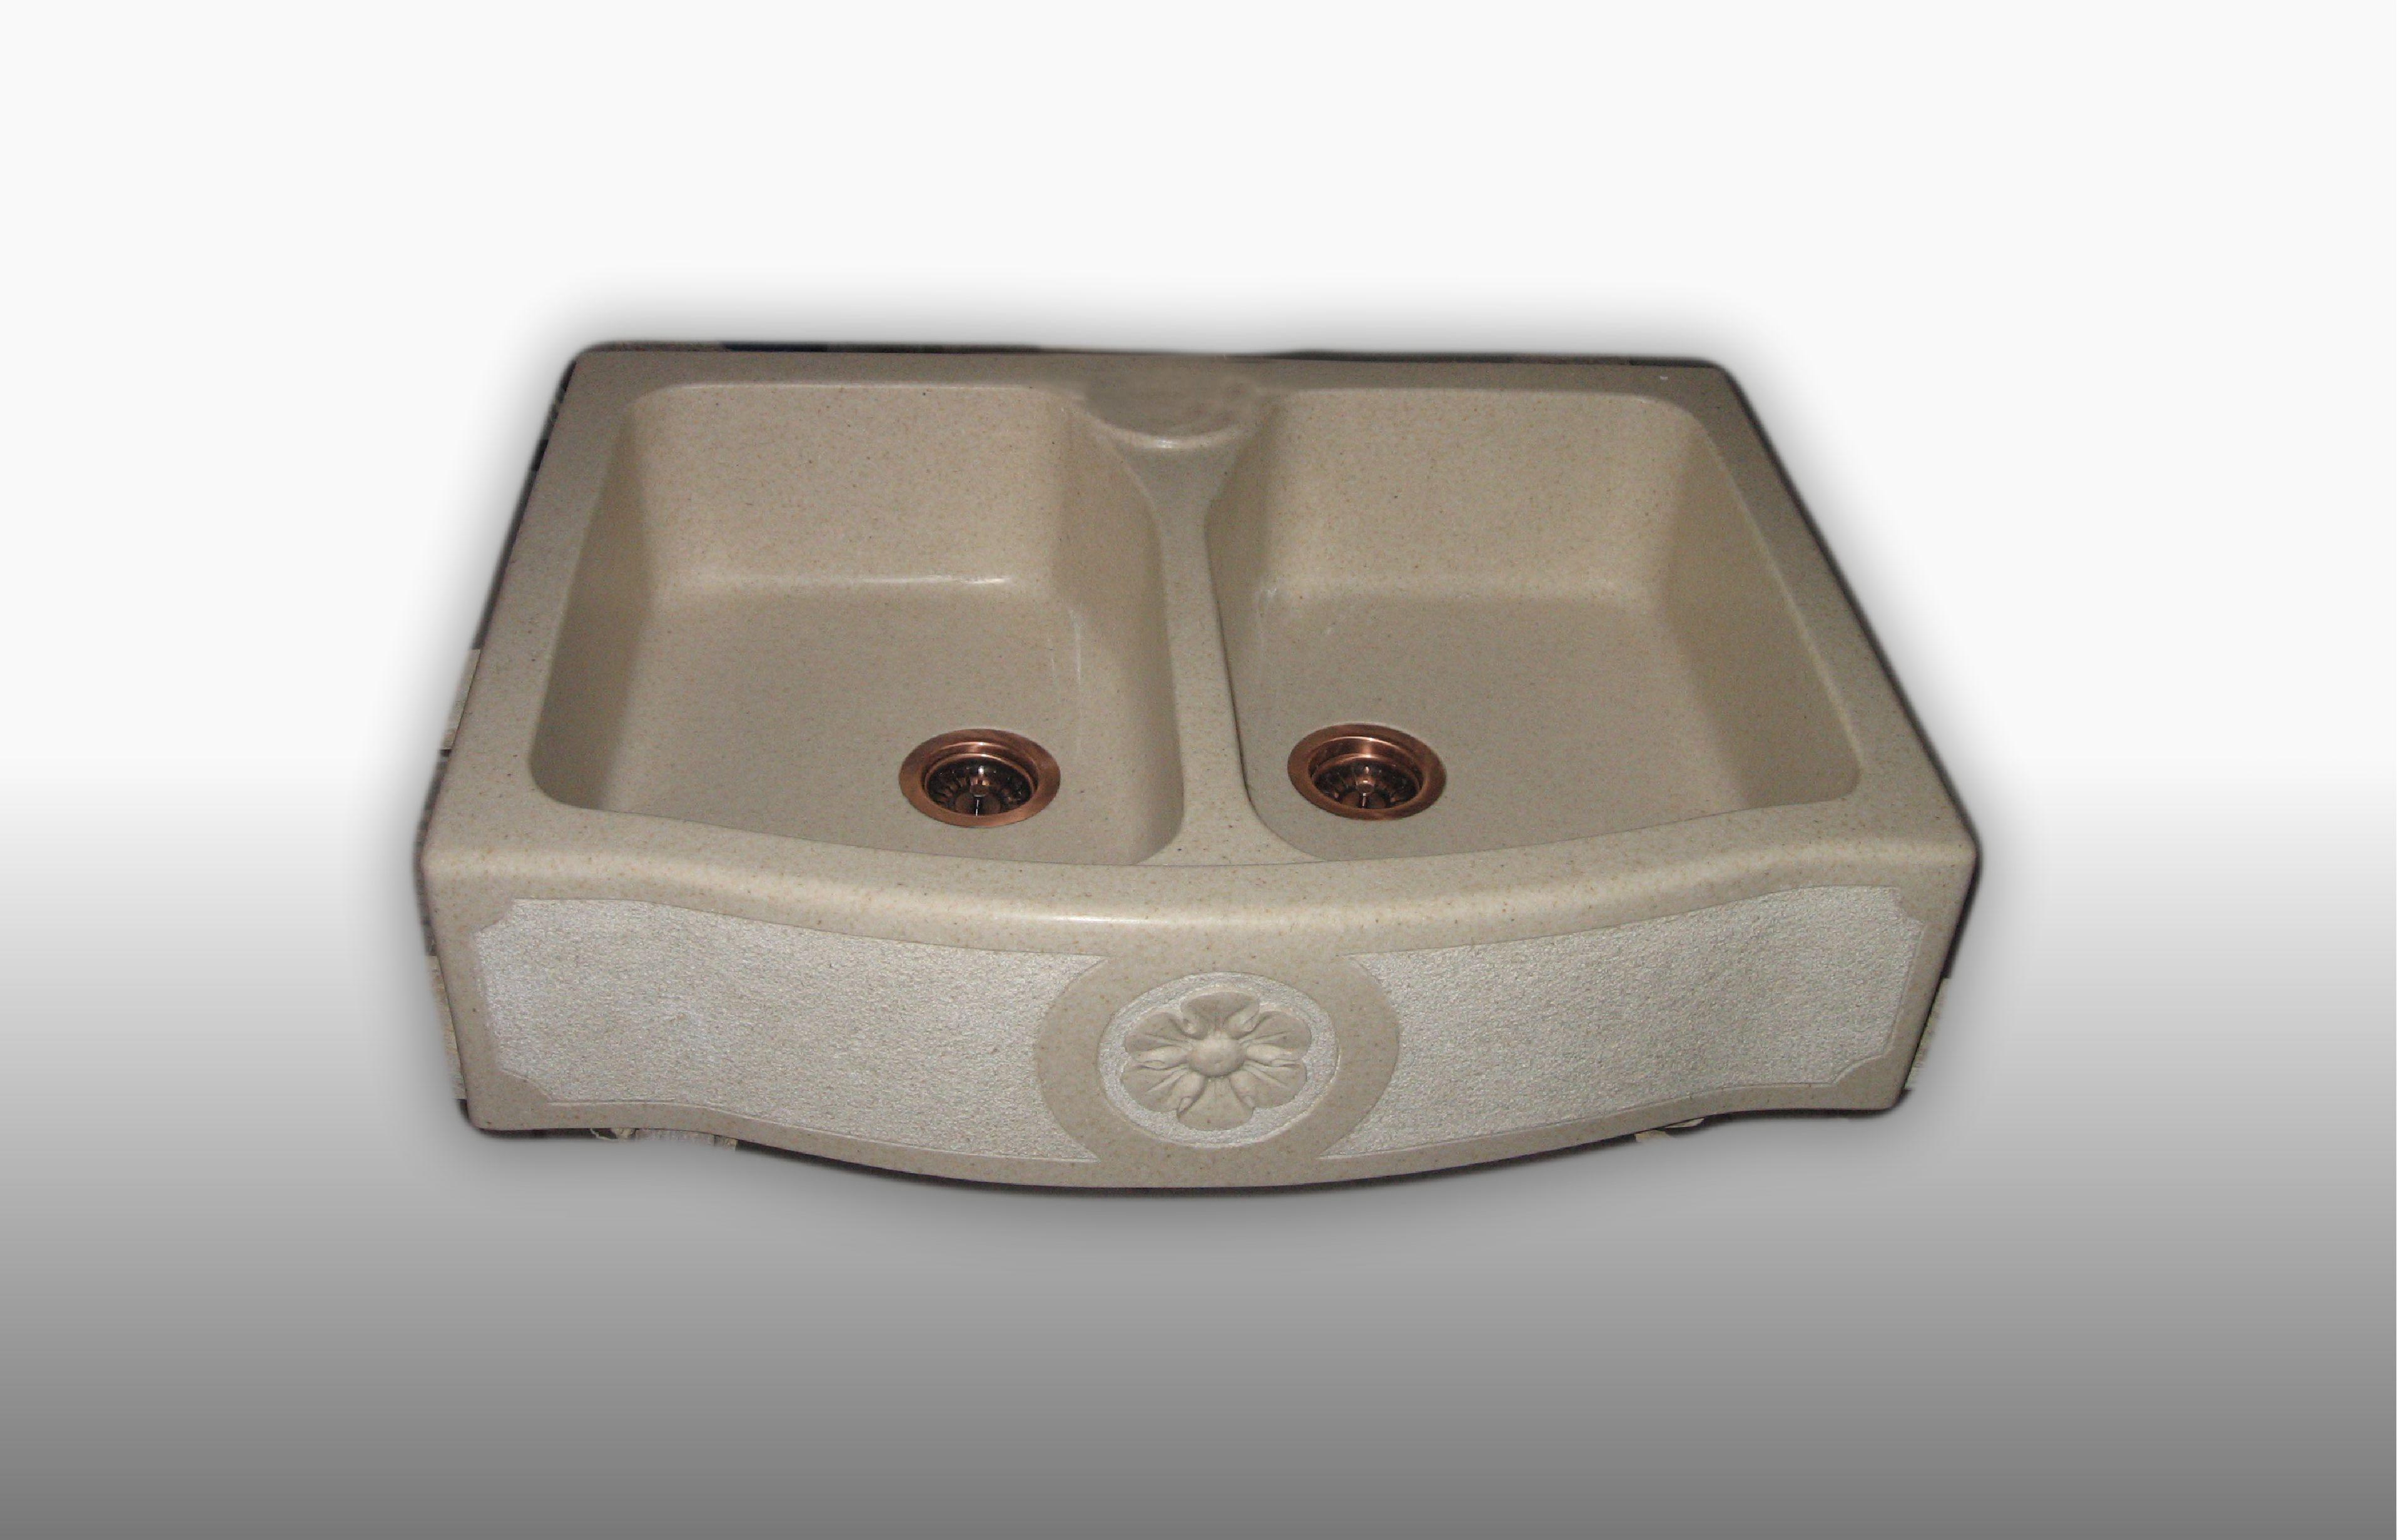 Lavello d'appoggio in graniglia 2 Vasche misura 60-65x90x21 cm  - prezzo 770,00 - 1086 €